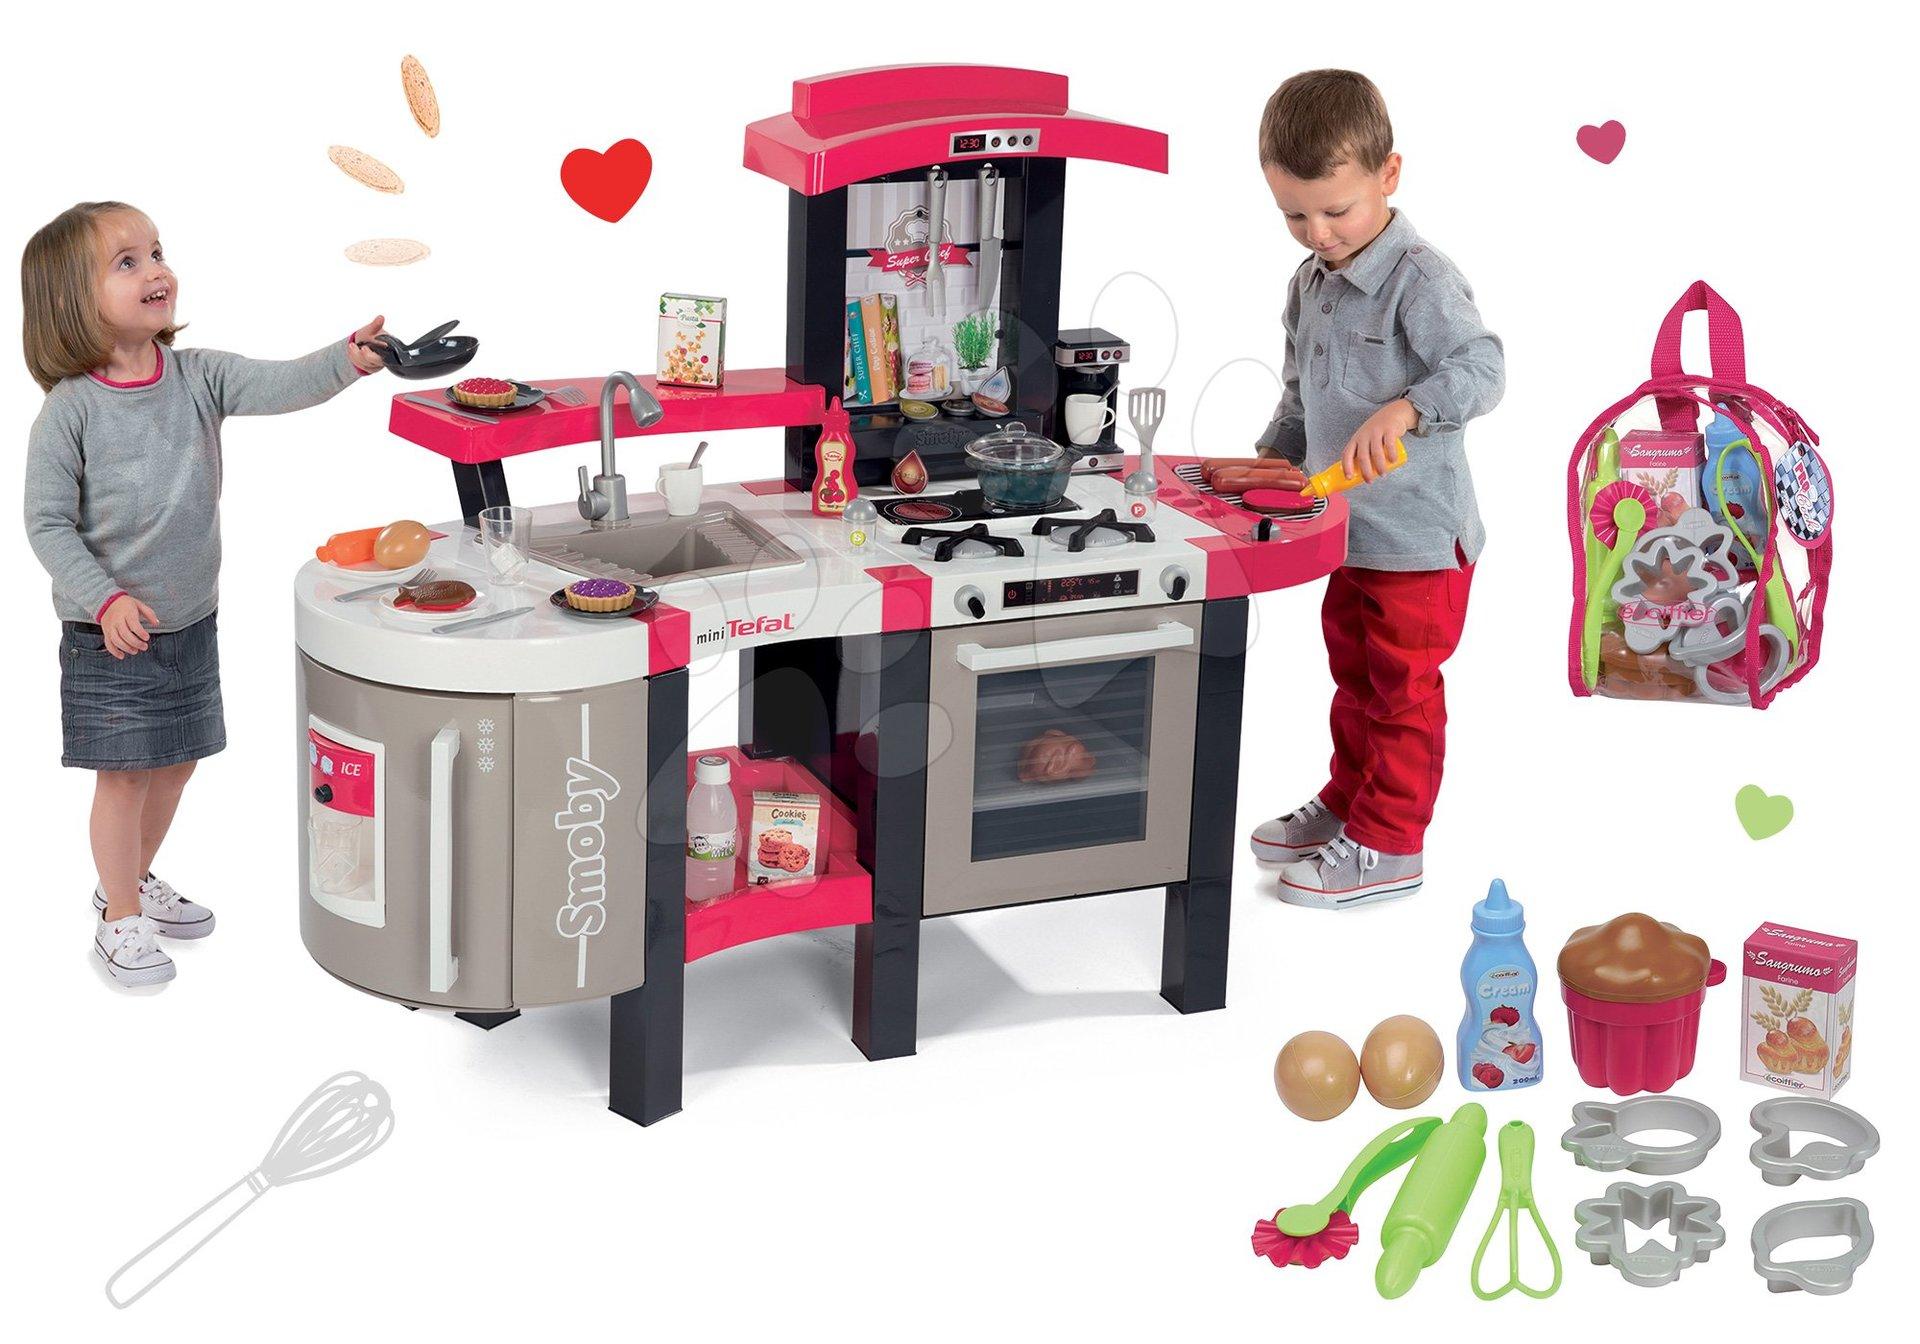 Kuchynky pre deti sety - Set kuchynka Tefal SuperChef Smoby s grilom a kávovarom a doplnky na pečenie v batohu